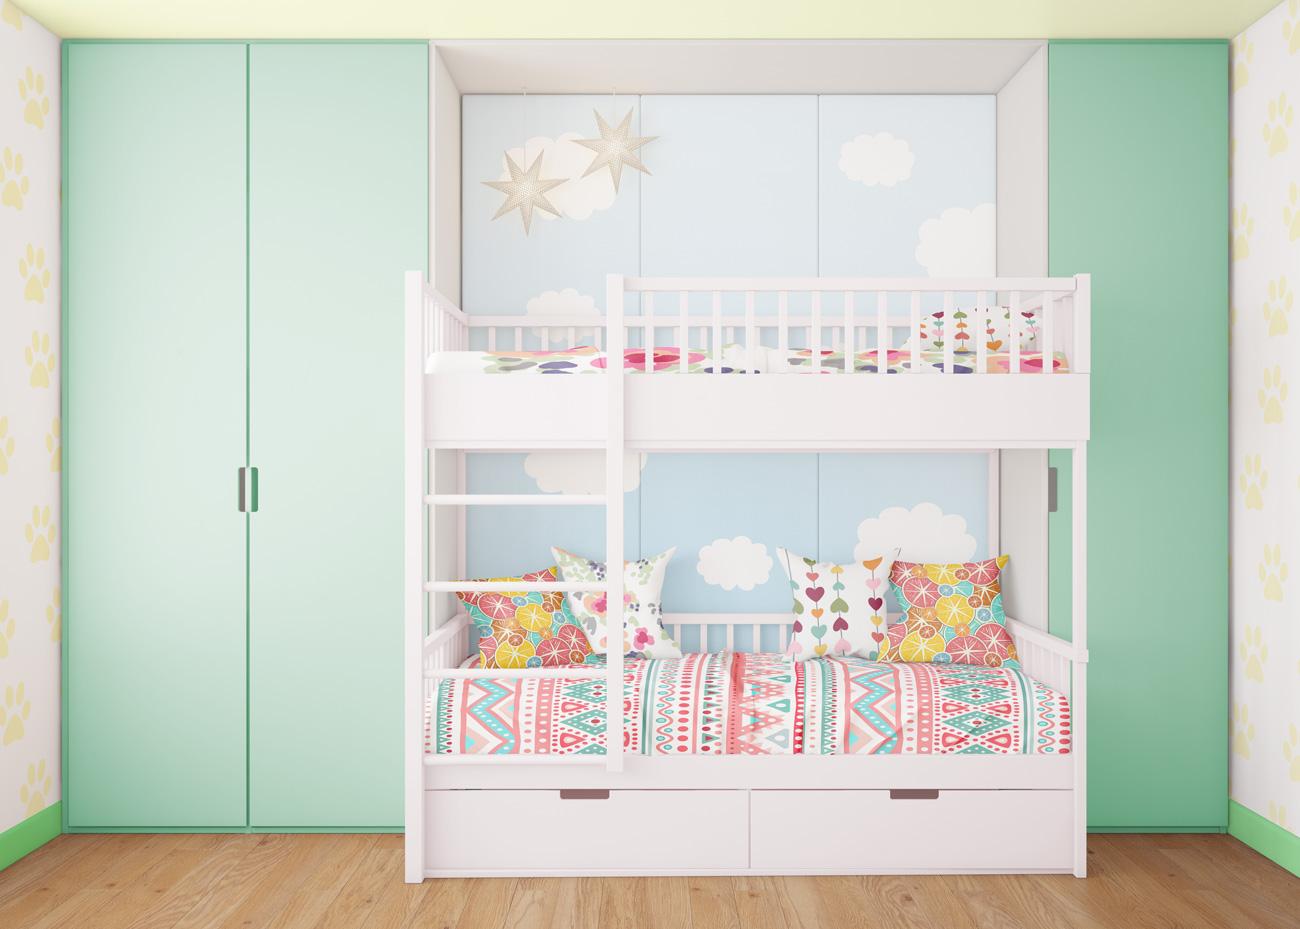 دانلود موکاپ اتاق خواب کودک و نوجوان (تخت دو طبقه)